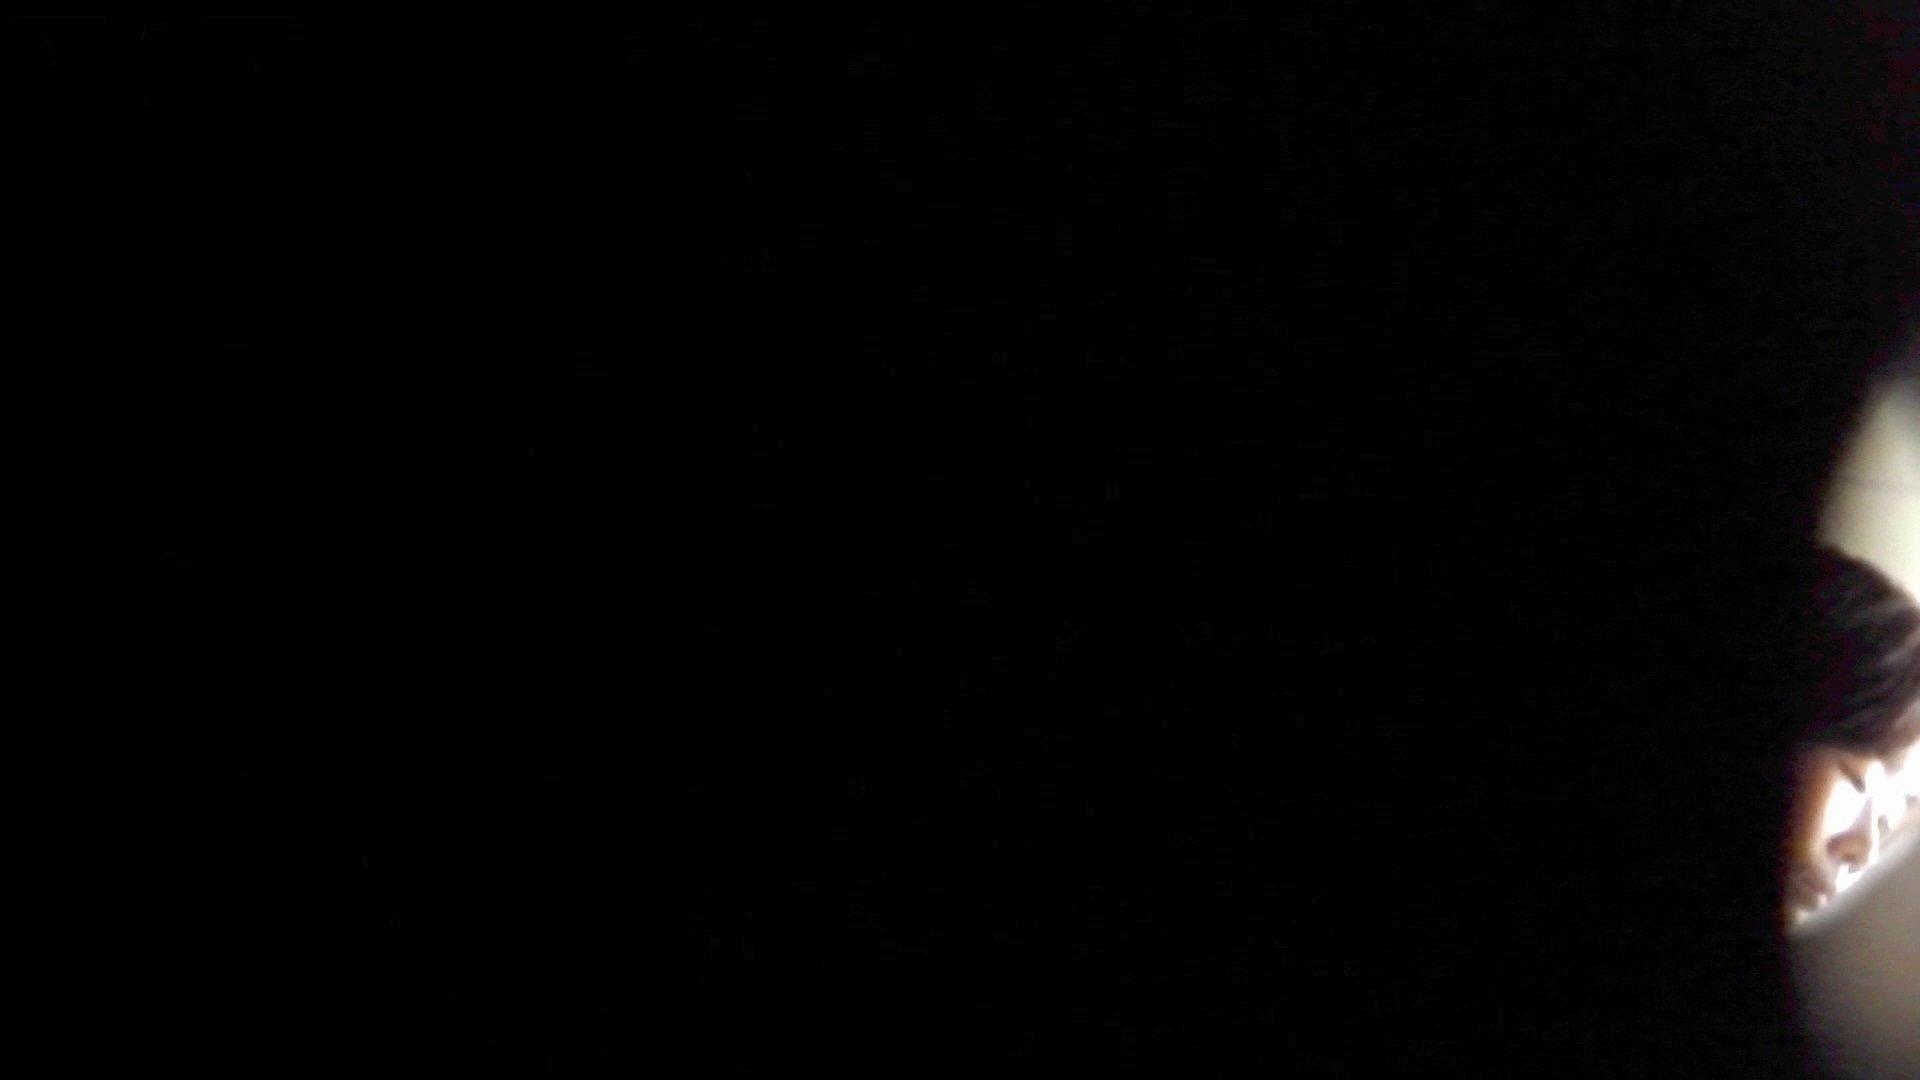 ステーション編 vol.28 無料動画に登場したモデルつい本番登場!! 盛合せ すけべAV動画紹介 29画像 10